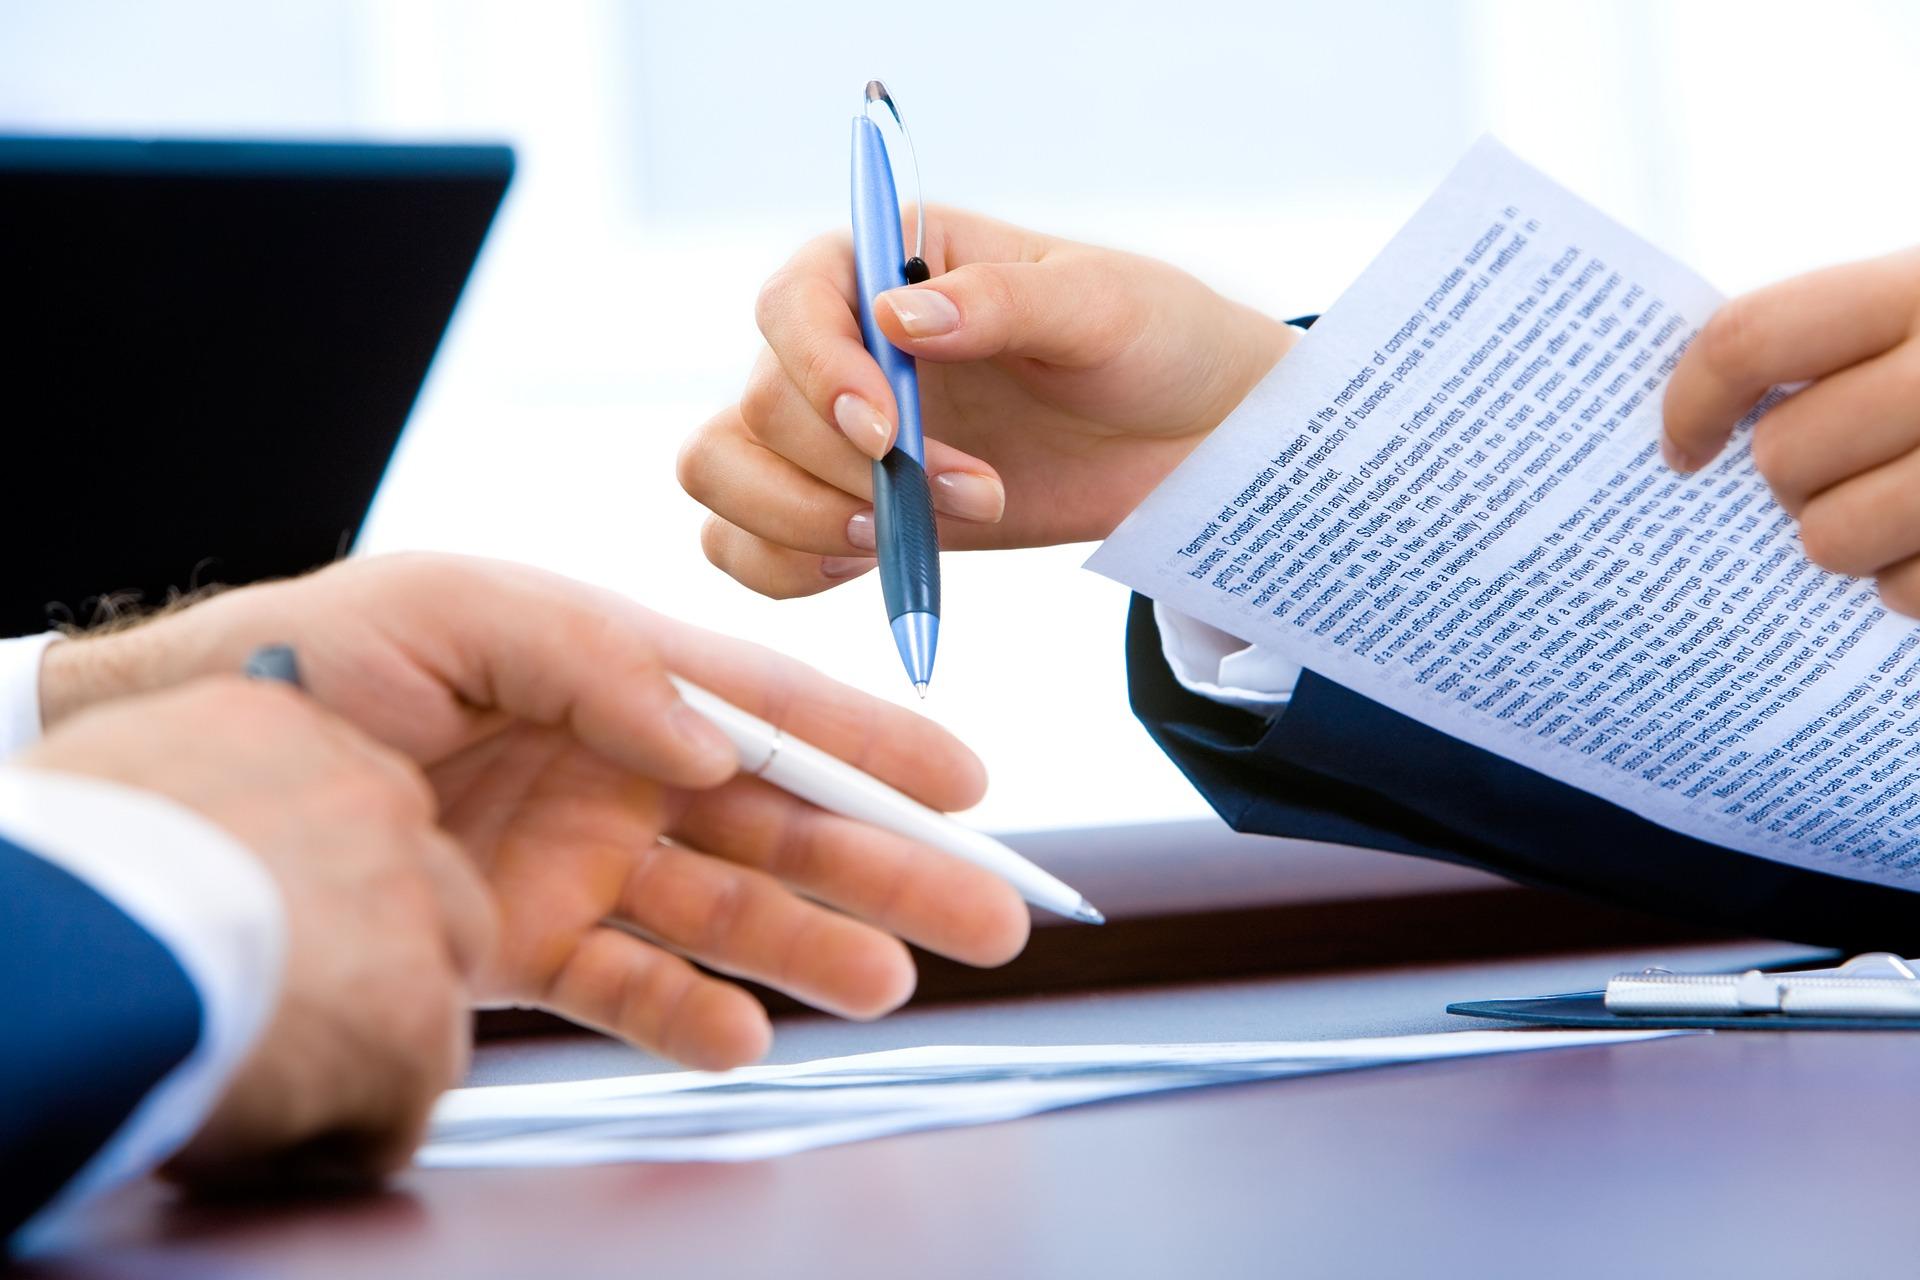 הסדר חובות לקבלת הפטר בהוצאה לפועל